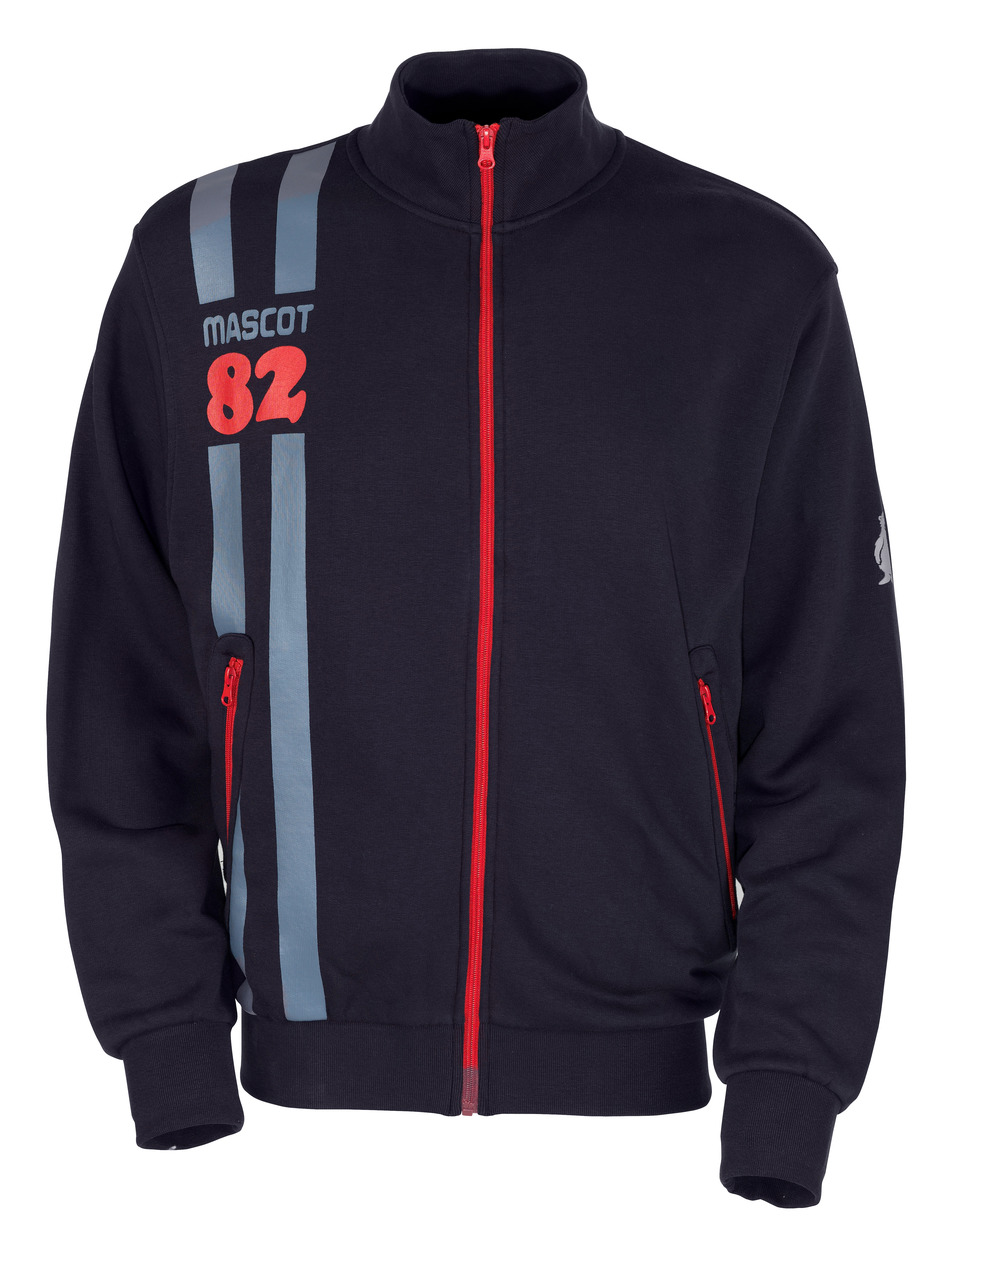 50422-191-010 Sweatshirt with zipper - dark navy